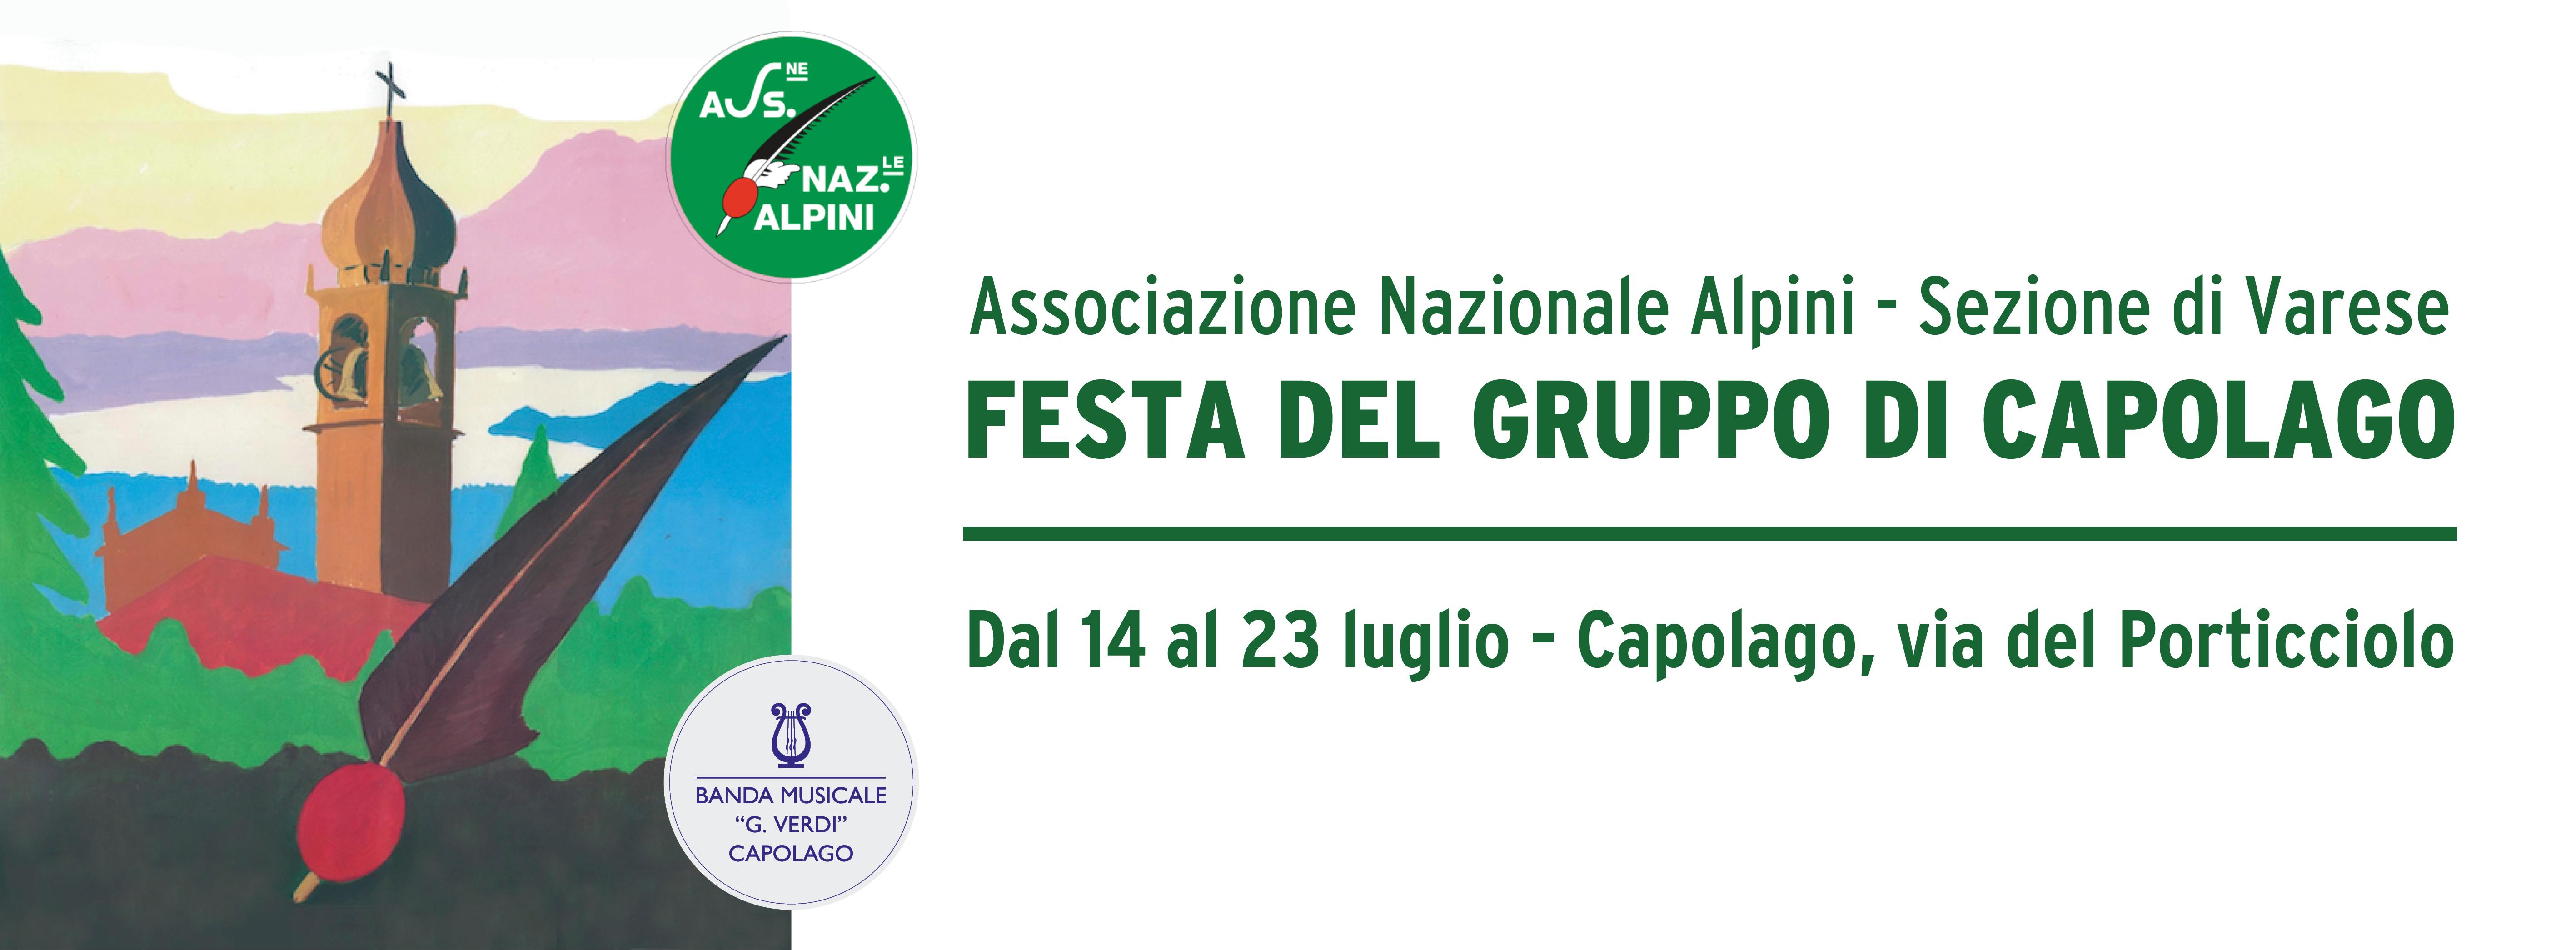 Manifesto festa Alpini 2017